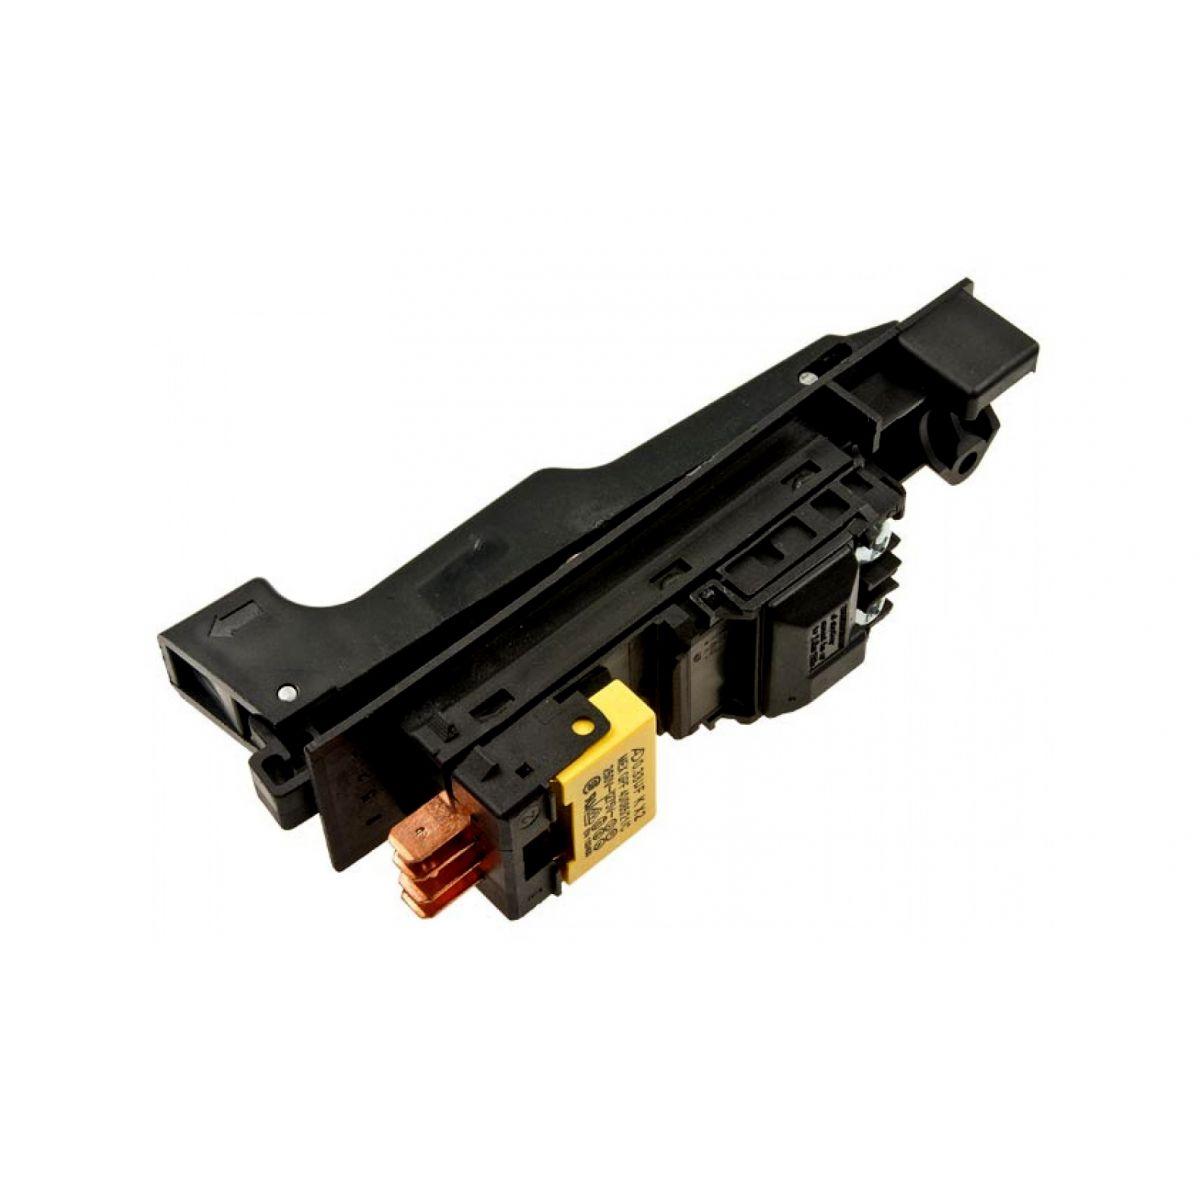 Interruptor Lixadeira Bosch 1351,1751,1366